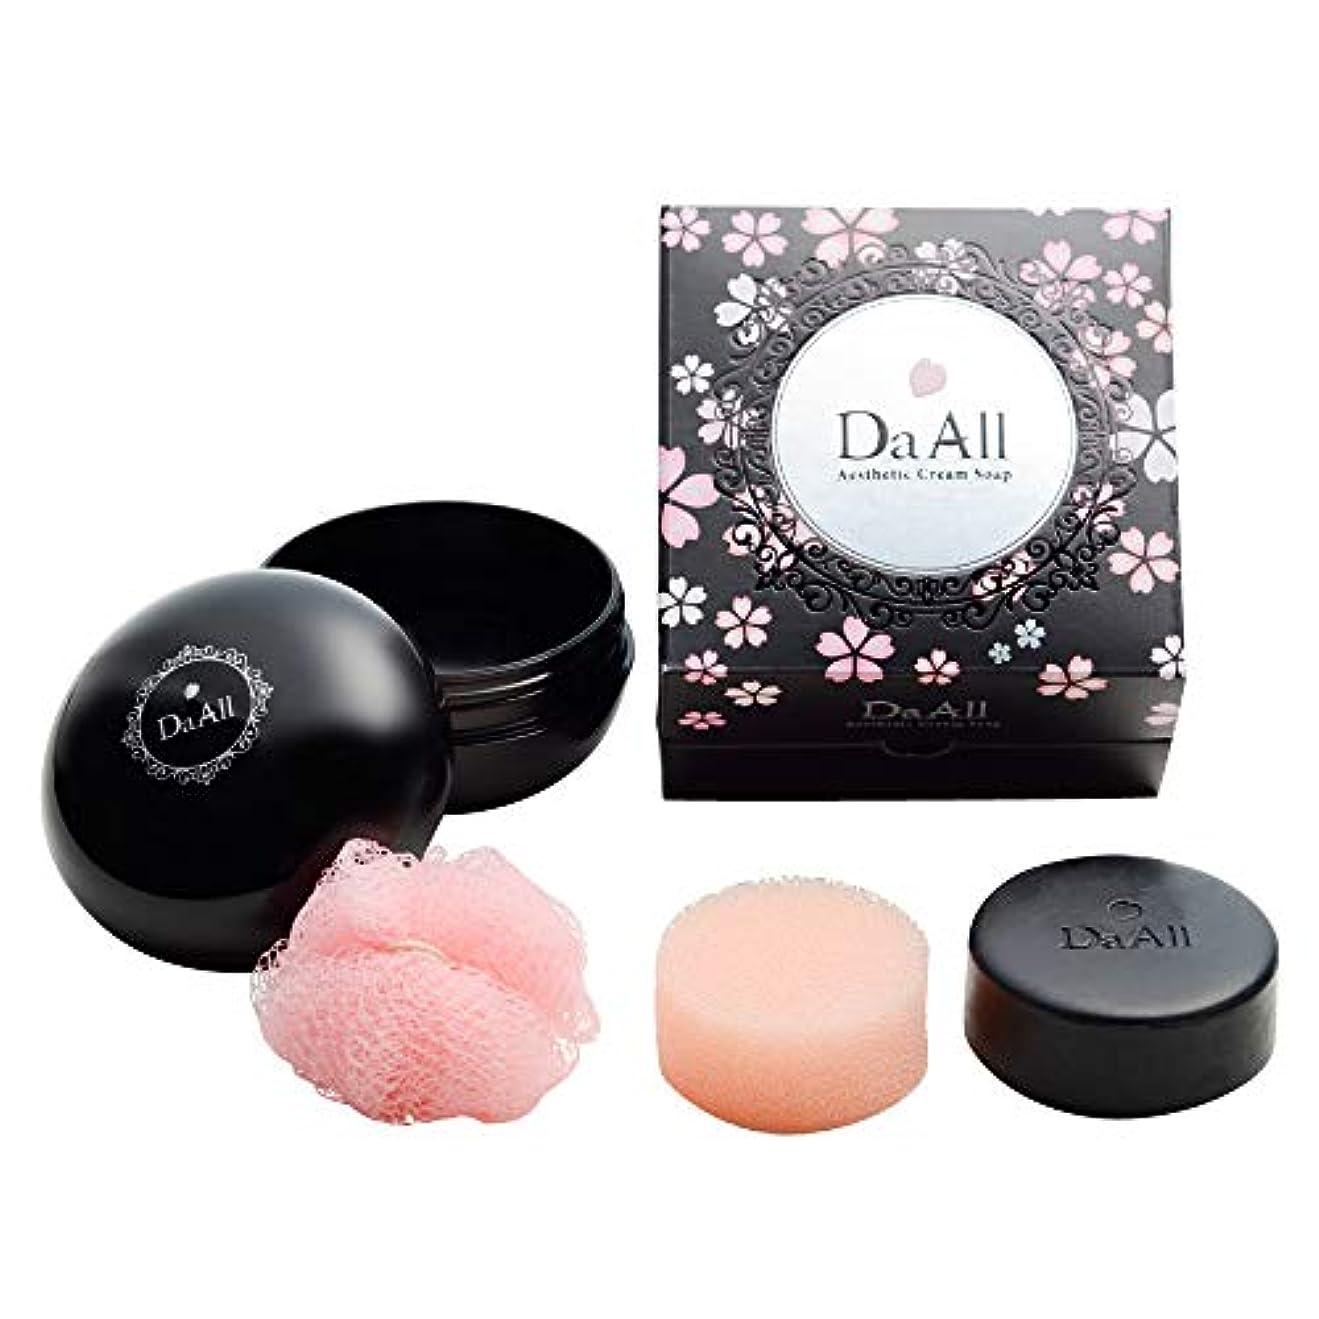 意味するケント織機日本製 美容成分高配合洗顔石鹸 メイク落とし 洗顔 保湿 ダオルエステティッククリームソープ マカロンケースセット